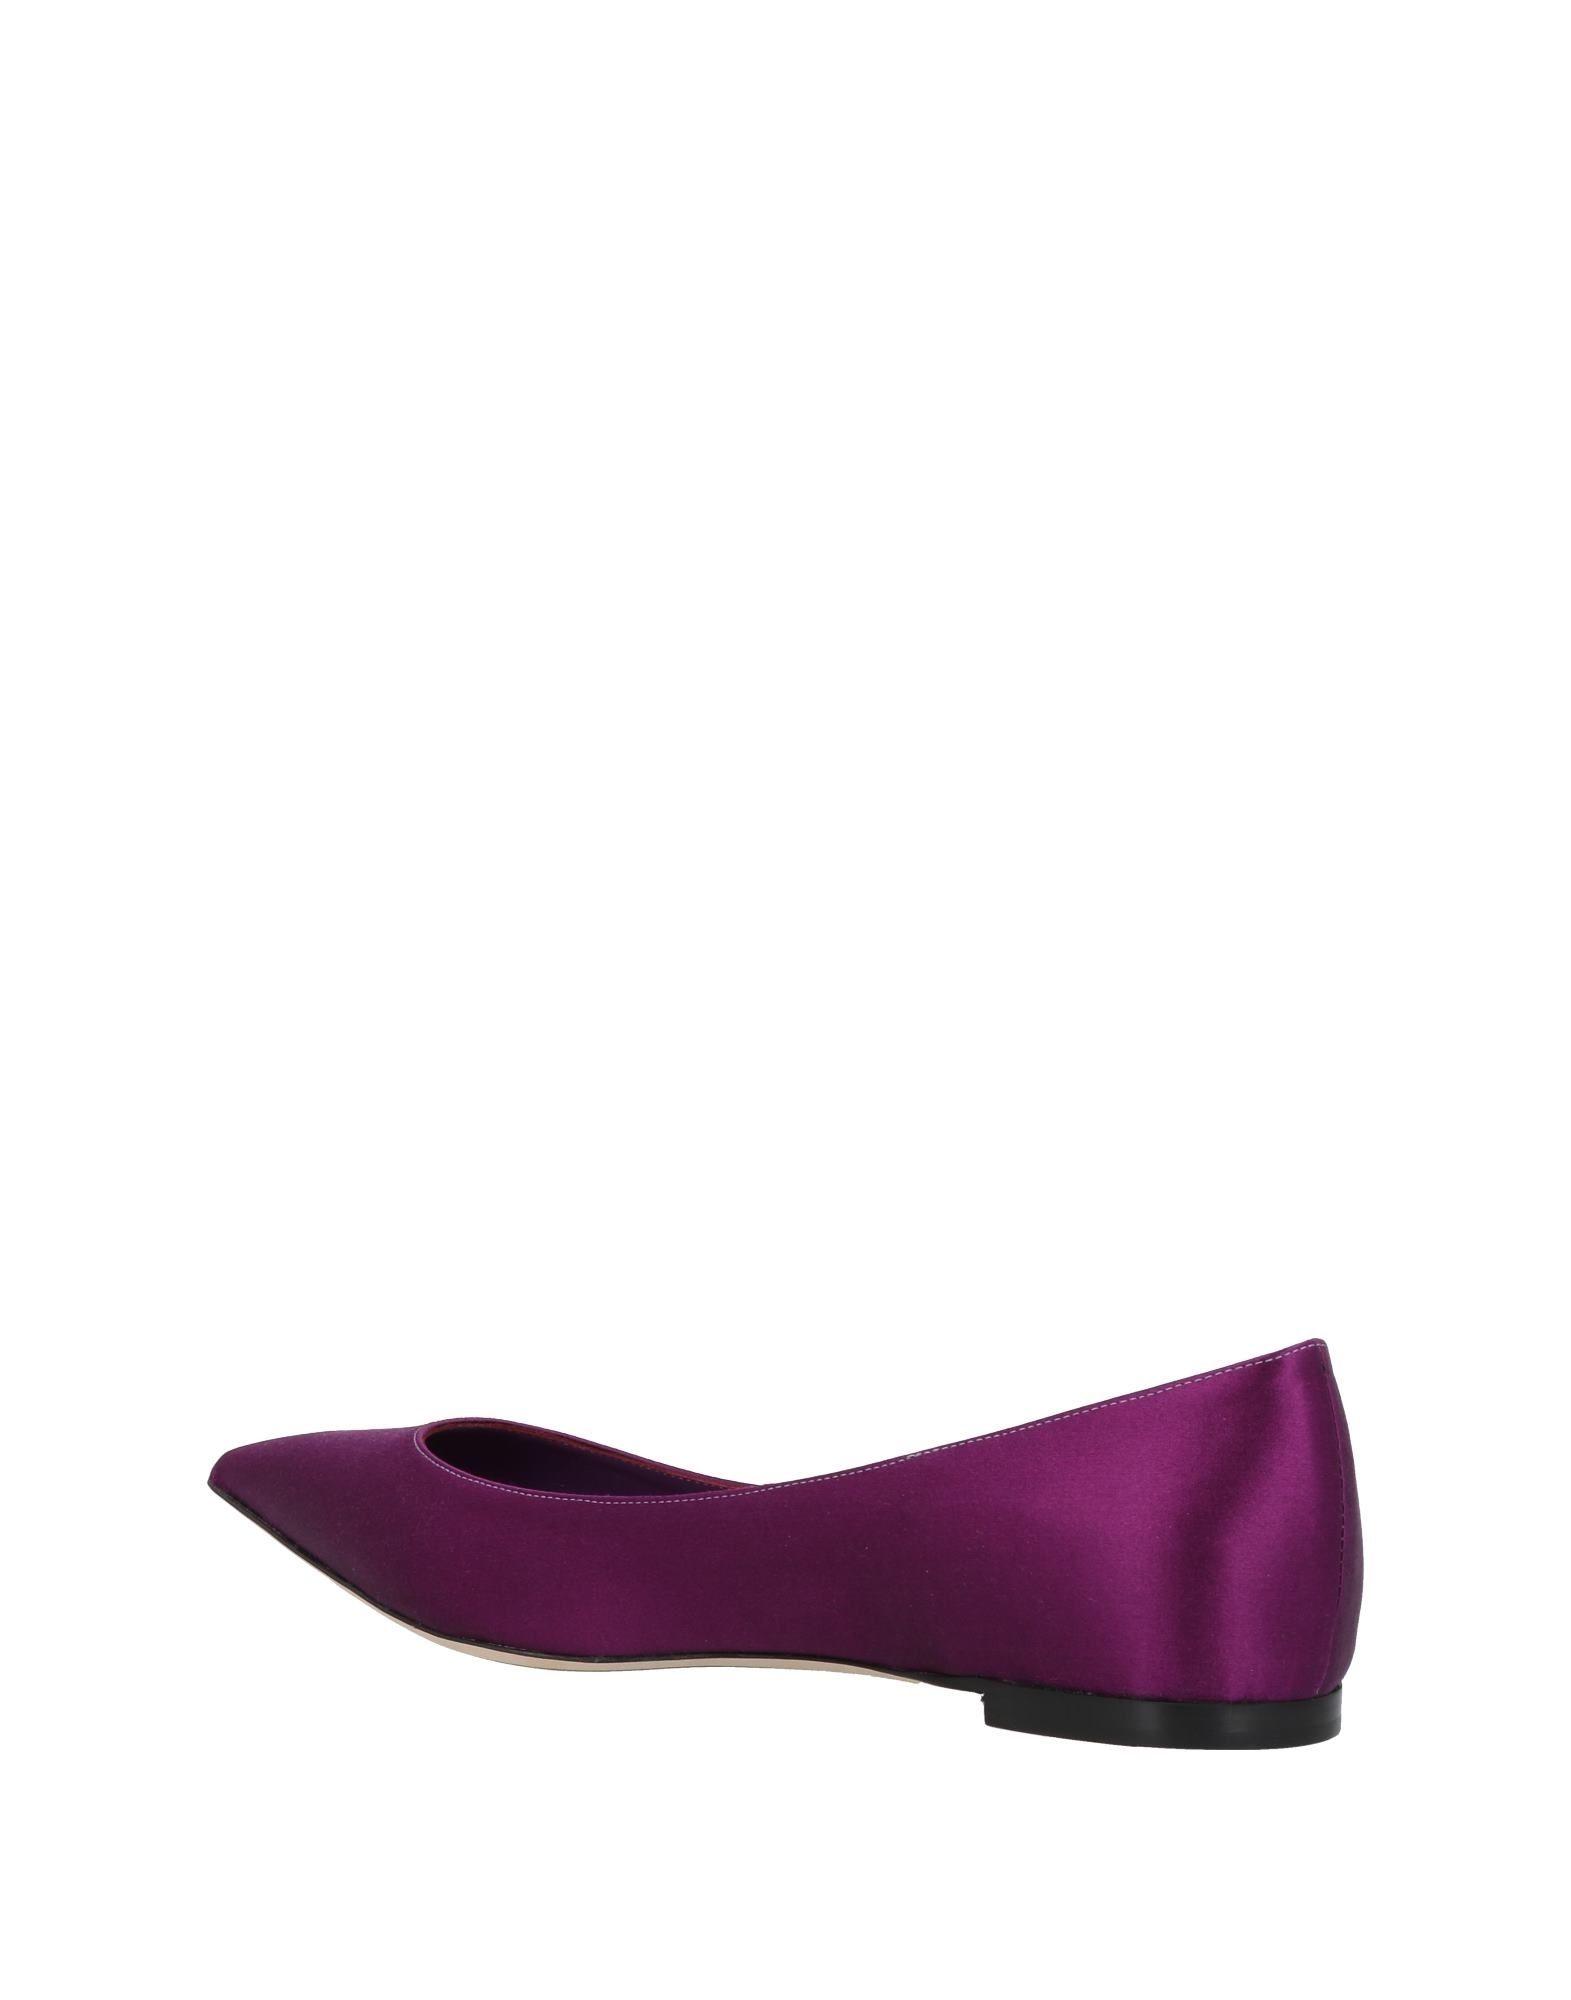 Nina Ricci Ricci Ricci Ballerinas Damen  11455279JT Beliebte Schuhe 341def